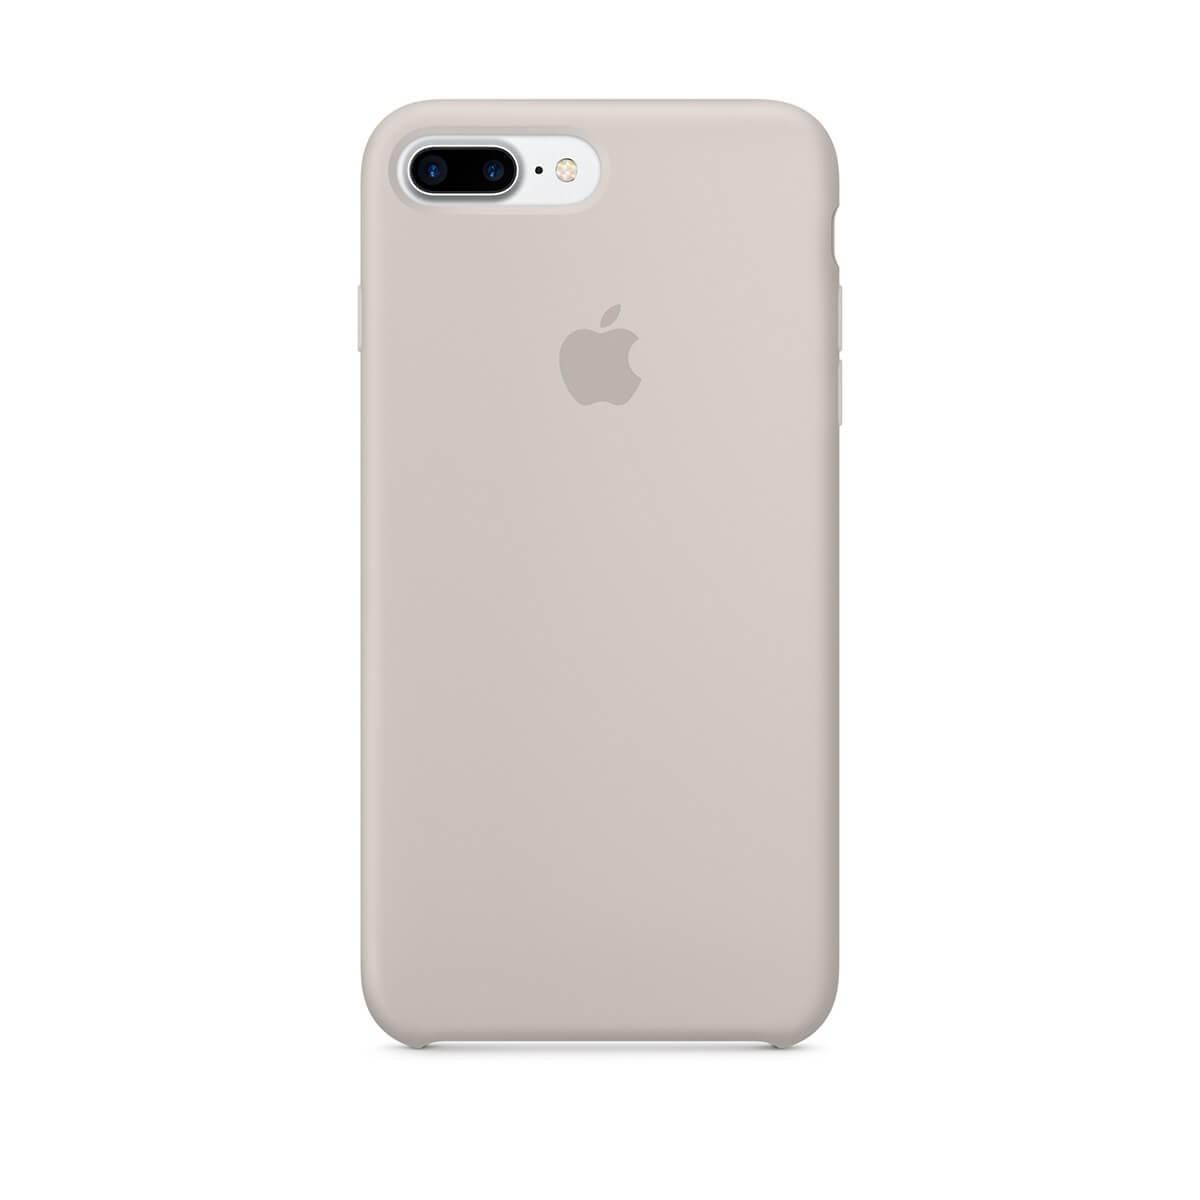 Silikonový kryt na iPhone 7 Plus – kamenně šedý mmqw2zm/a